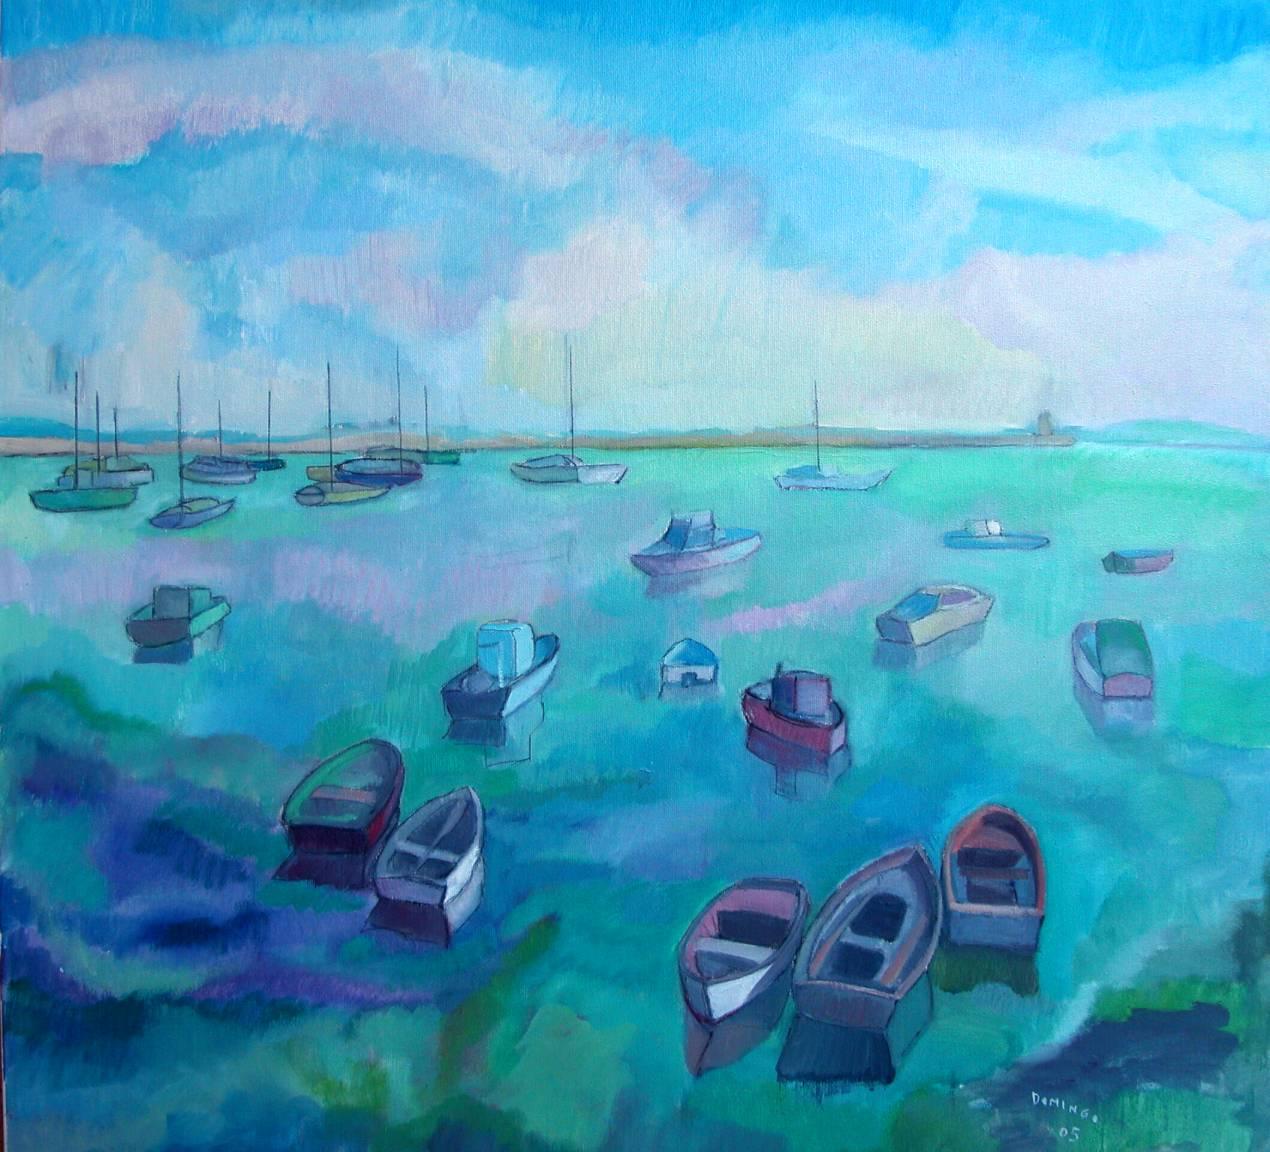 Puerto de La Coruña (2005) - Mª José Domingo Pérez-Ugena - Pepa Domingo